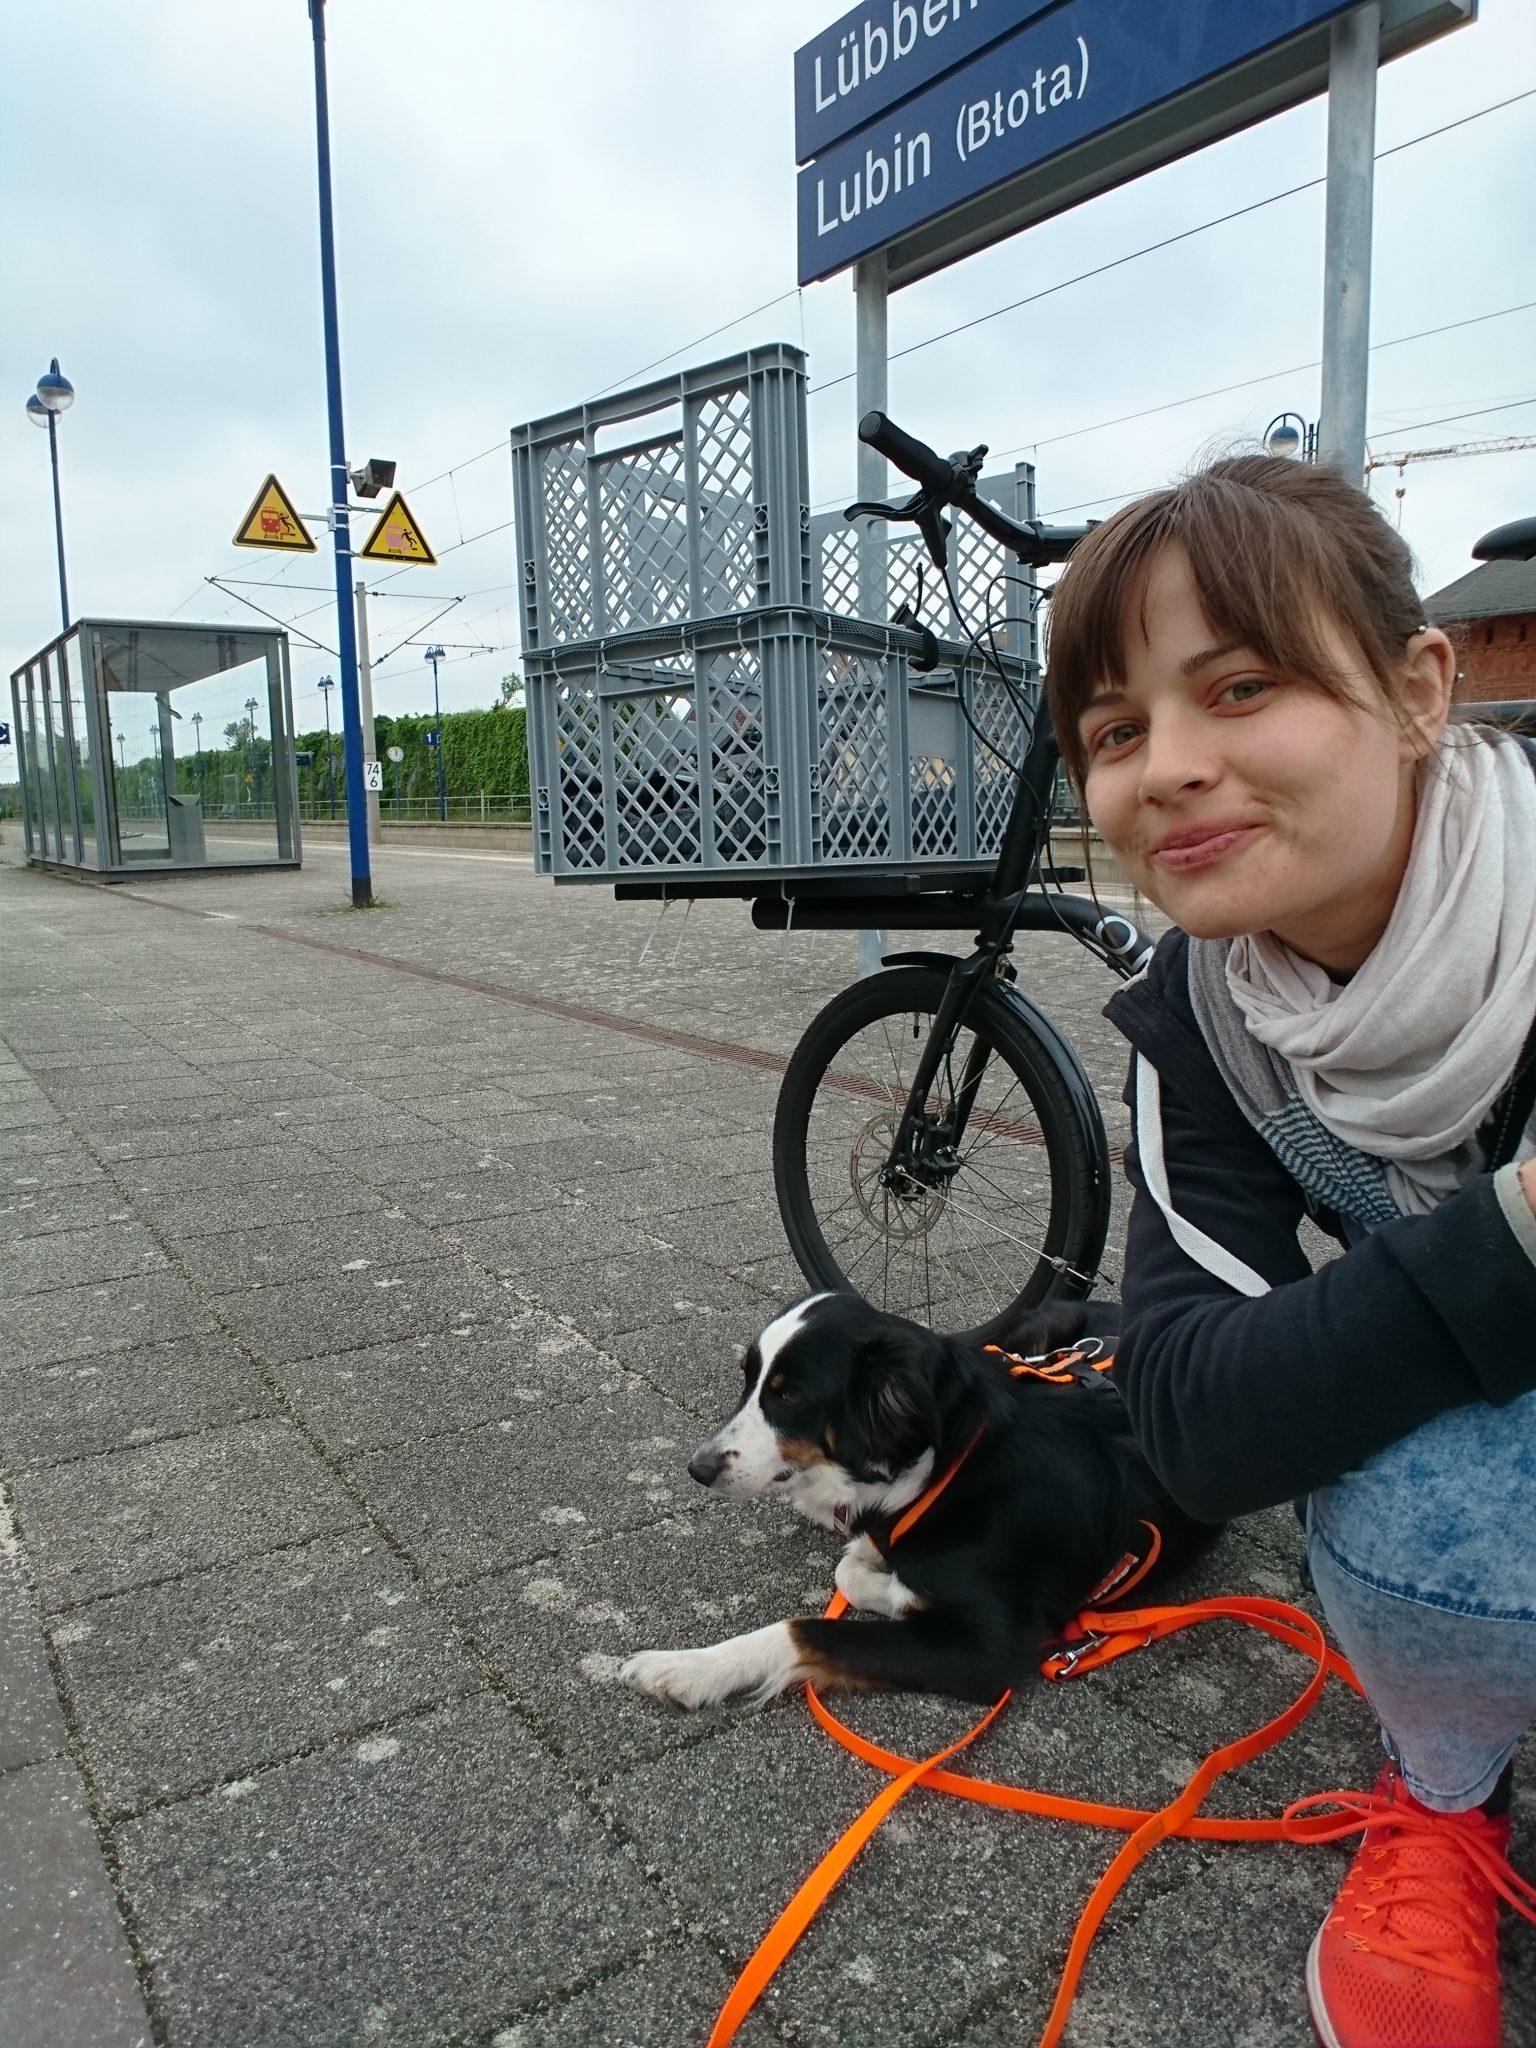 Fahrrad und Hund auf dem Bahnhof in Lübben Spreewald